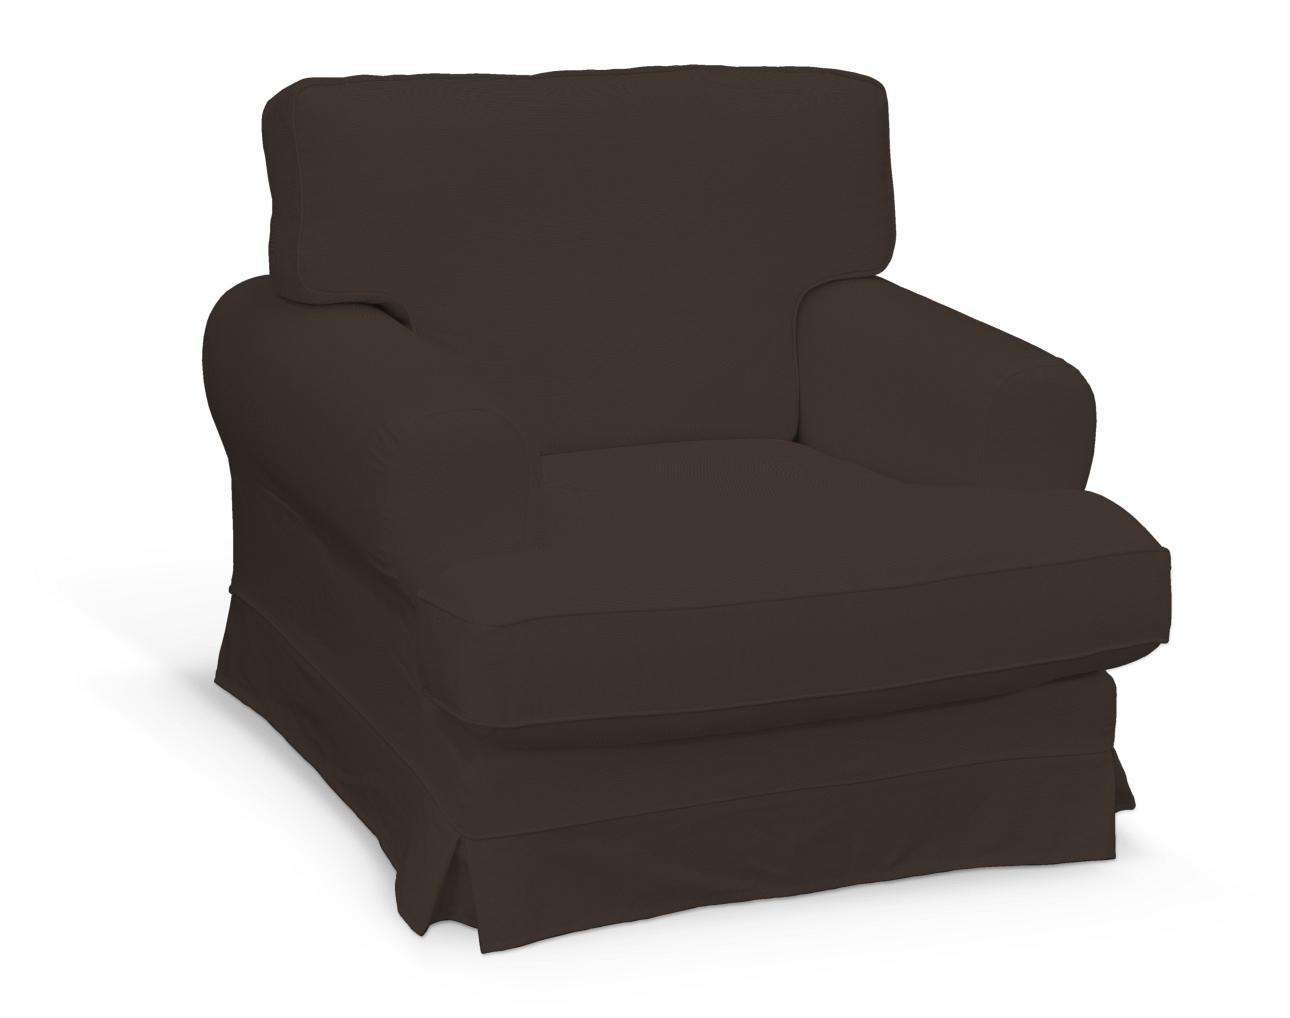 Pokrowiec na fotel Ekeskog w kolekcji Cotton Panama, tkanina: 702-03